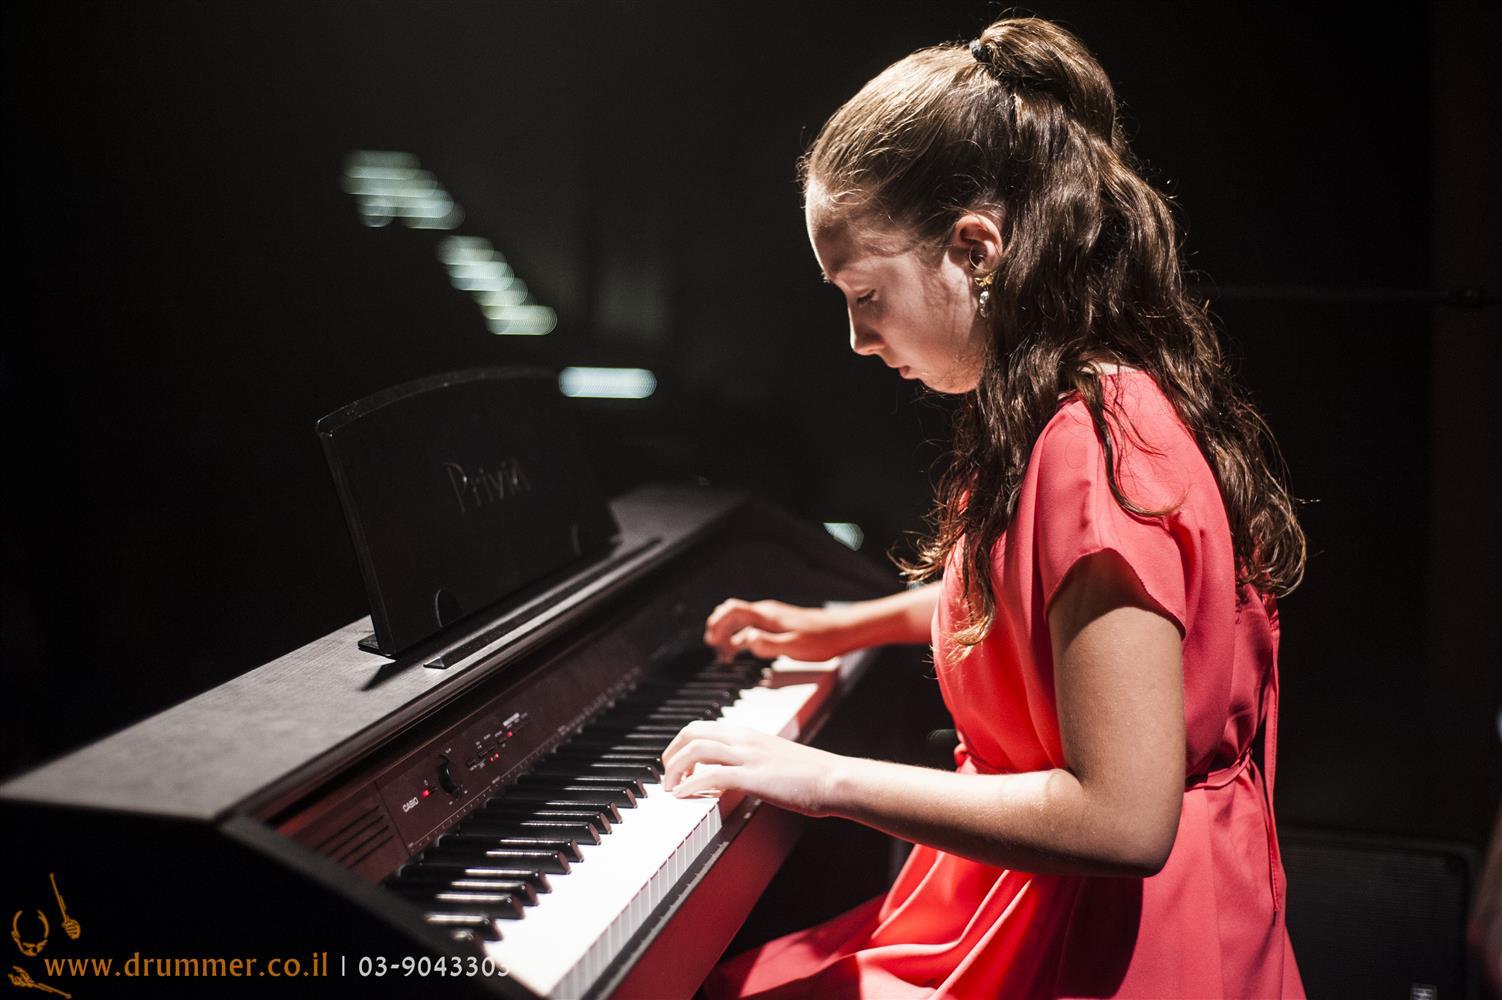 שיעורי פסנתר - דראמר בית הספר למוסיקה של פתח תקווה